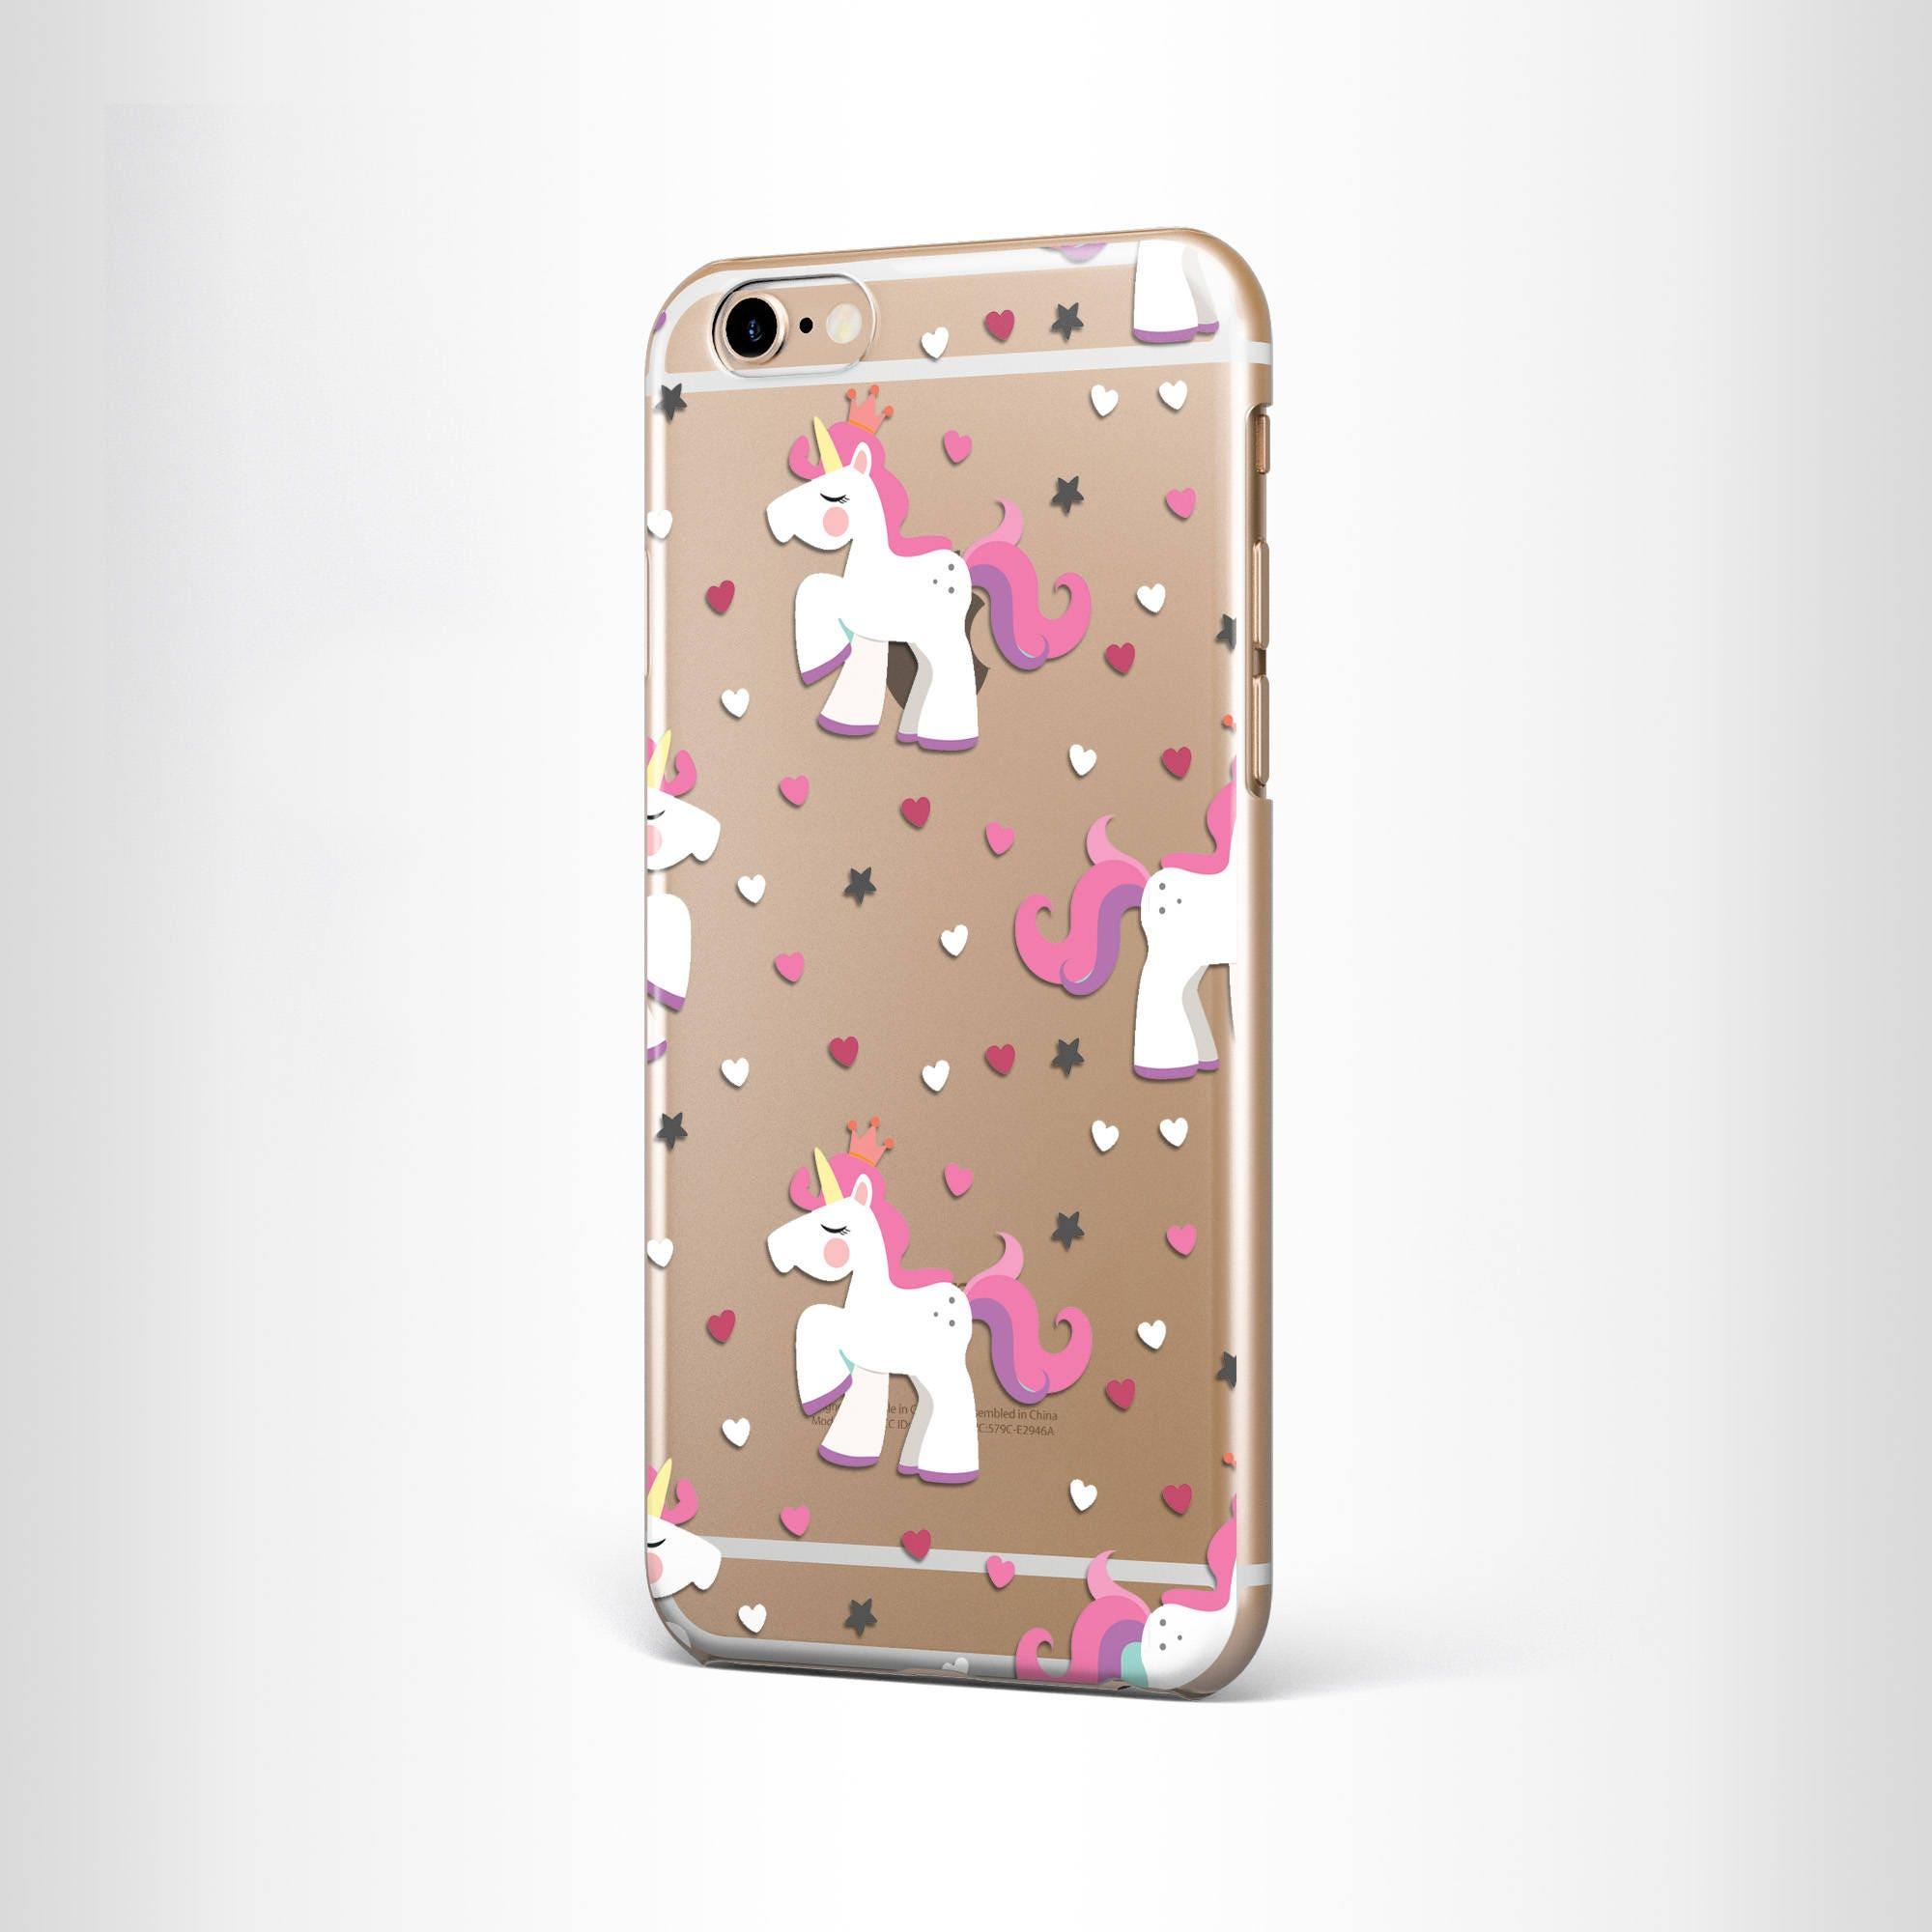 iphone 7 plus personalised silicone case